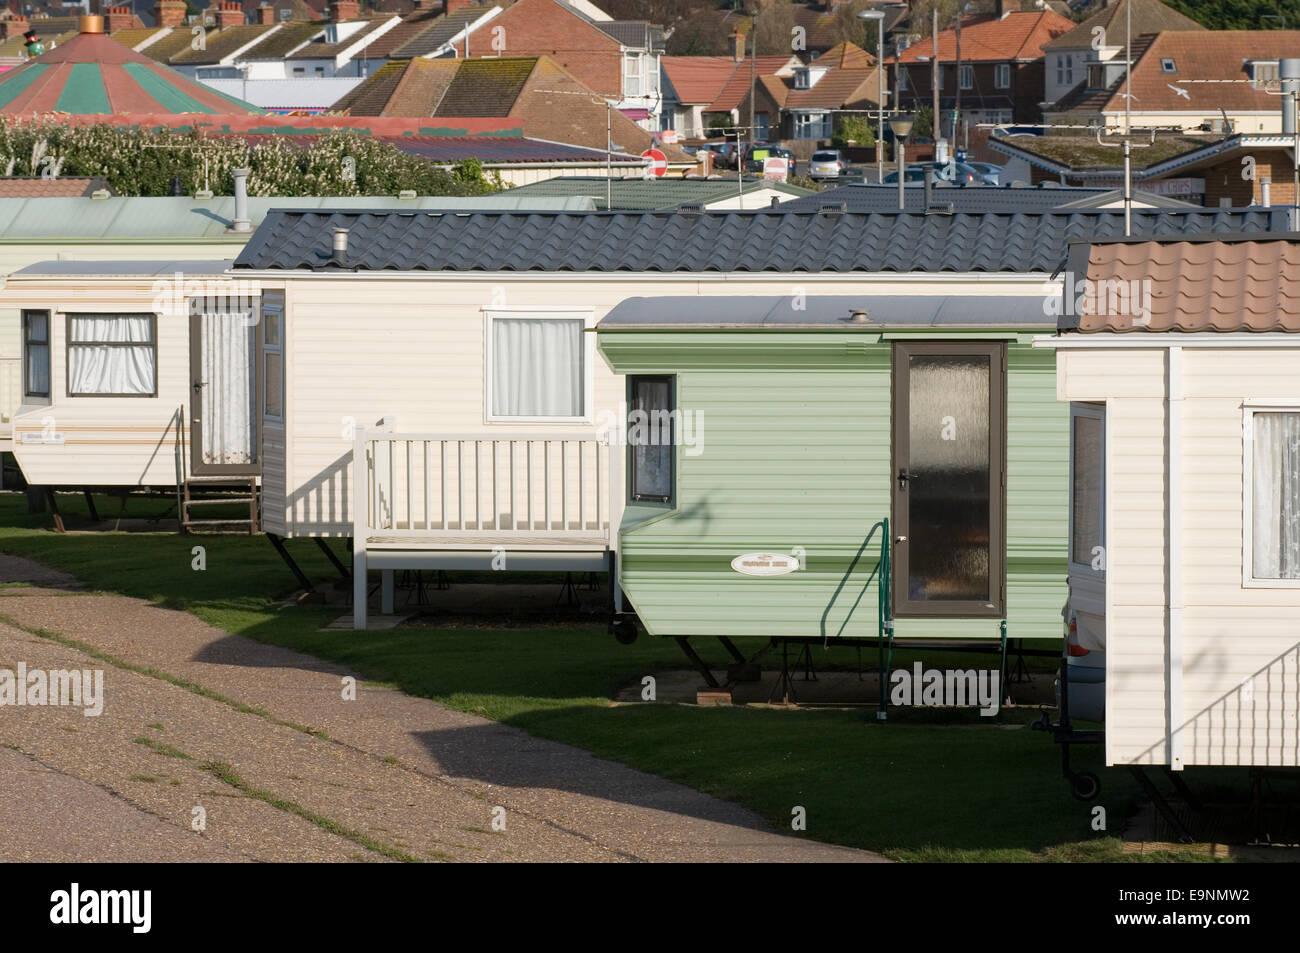 Casas moviles best casas mviles nuevas with casas moviles best with casas moviles good casas Casas moviles jarama